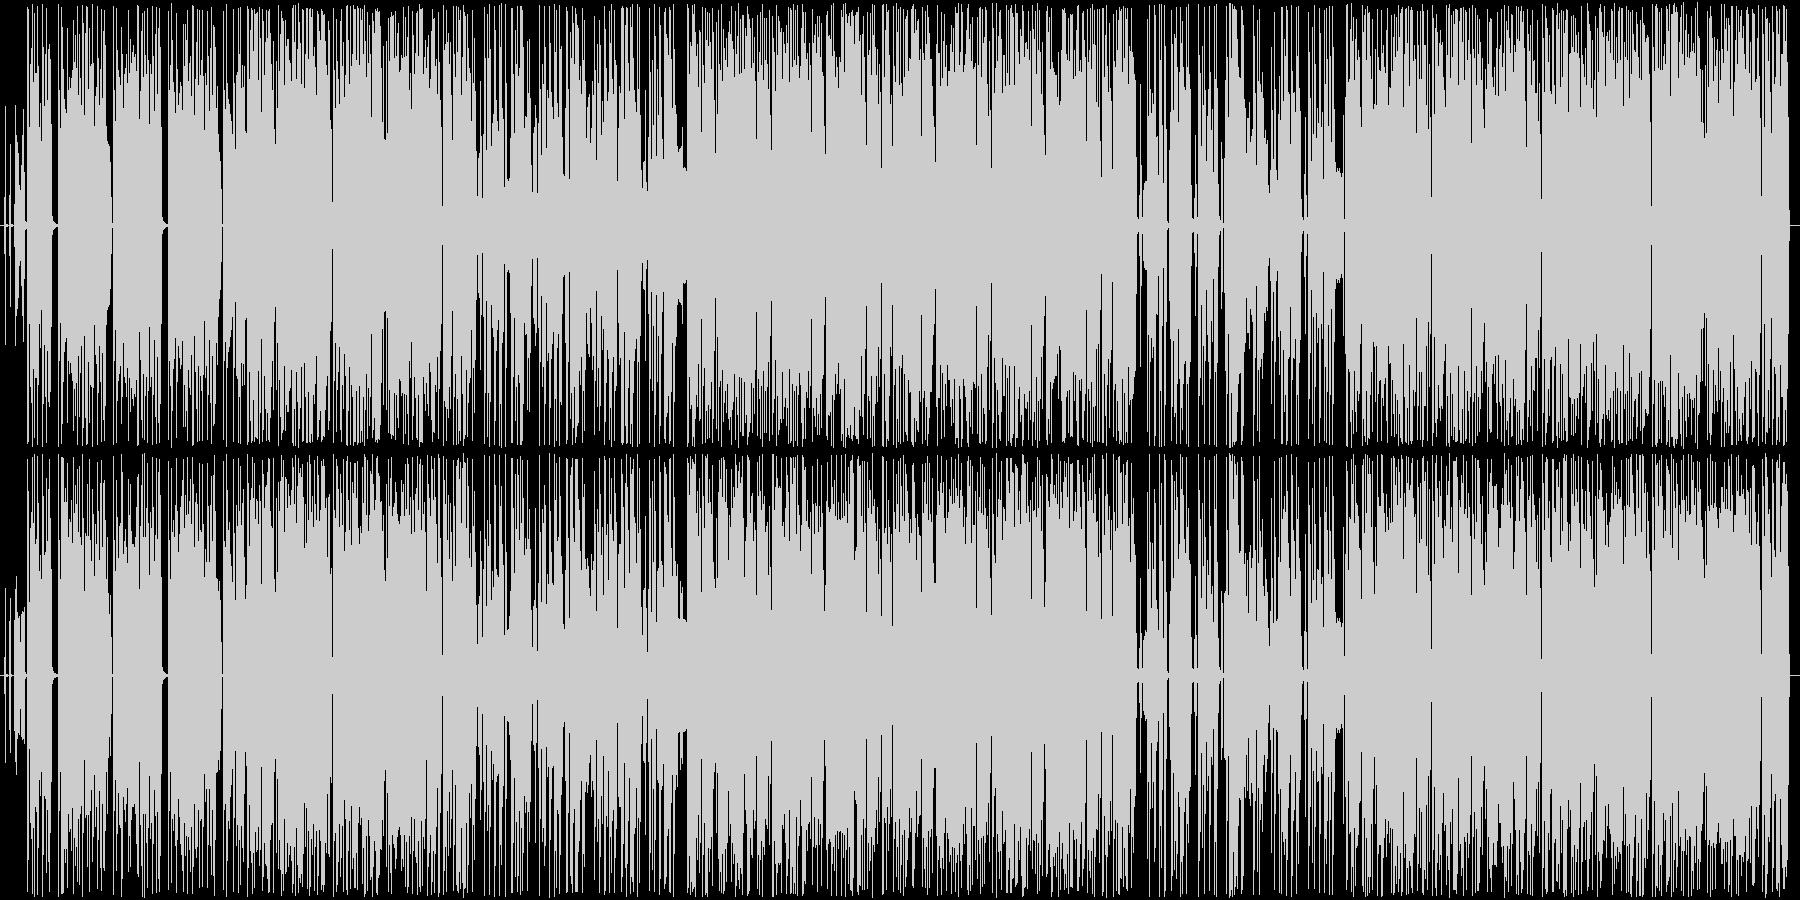 怪しげでダークな機械音声の入ったクラブ曲の未再生の波形